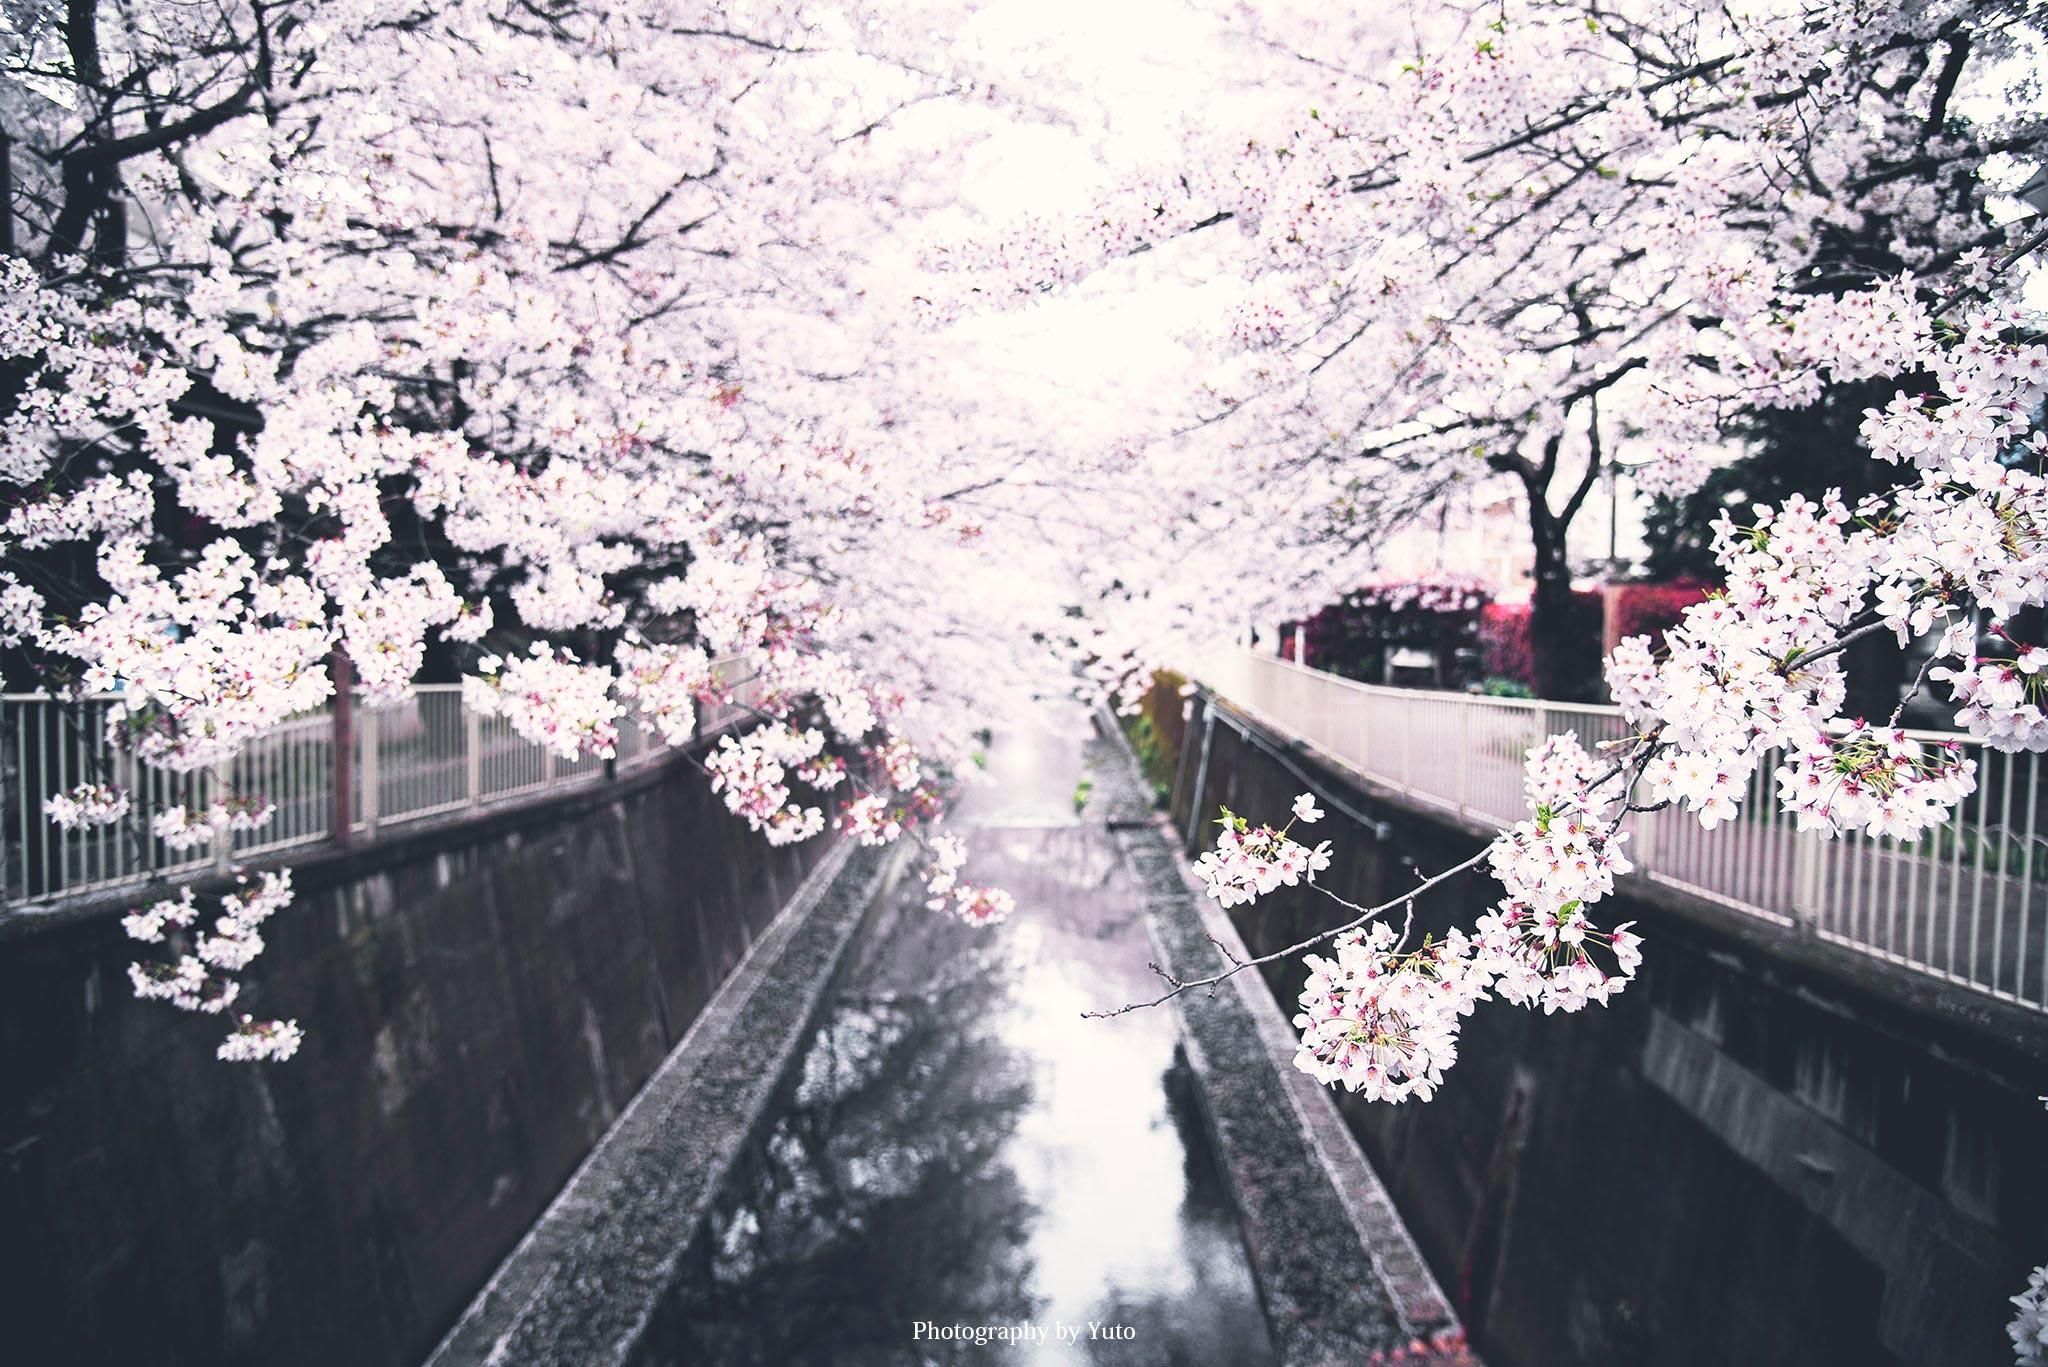 東京の桜 高井戸 神田川沿いの桜並木は隠れた絶景